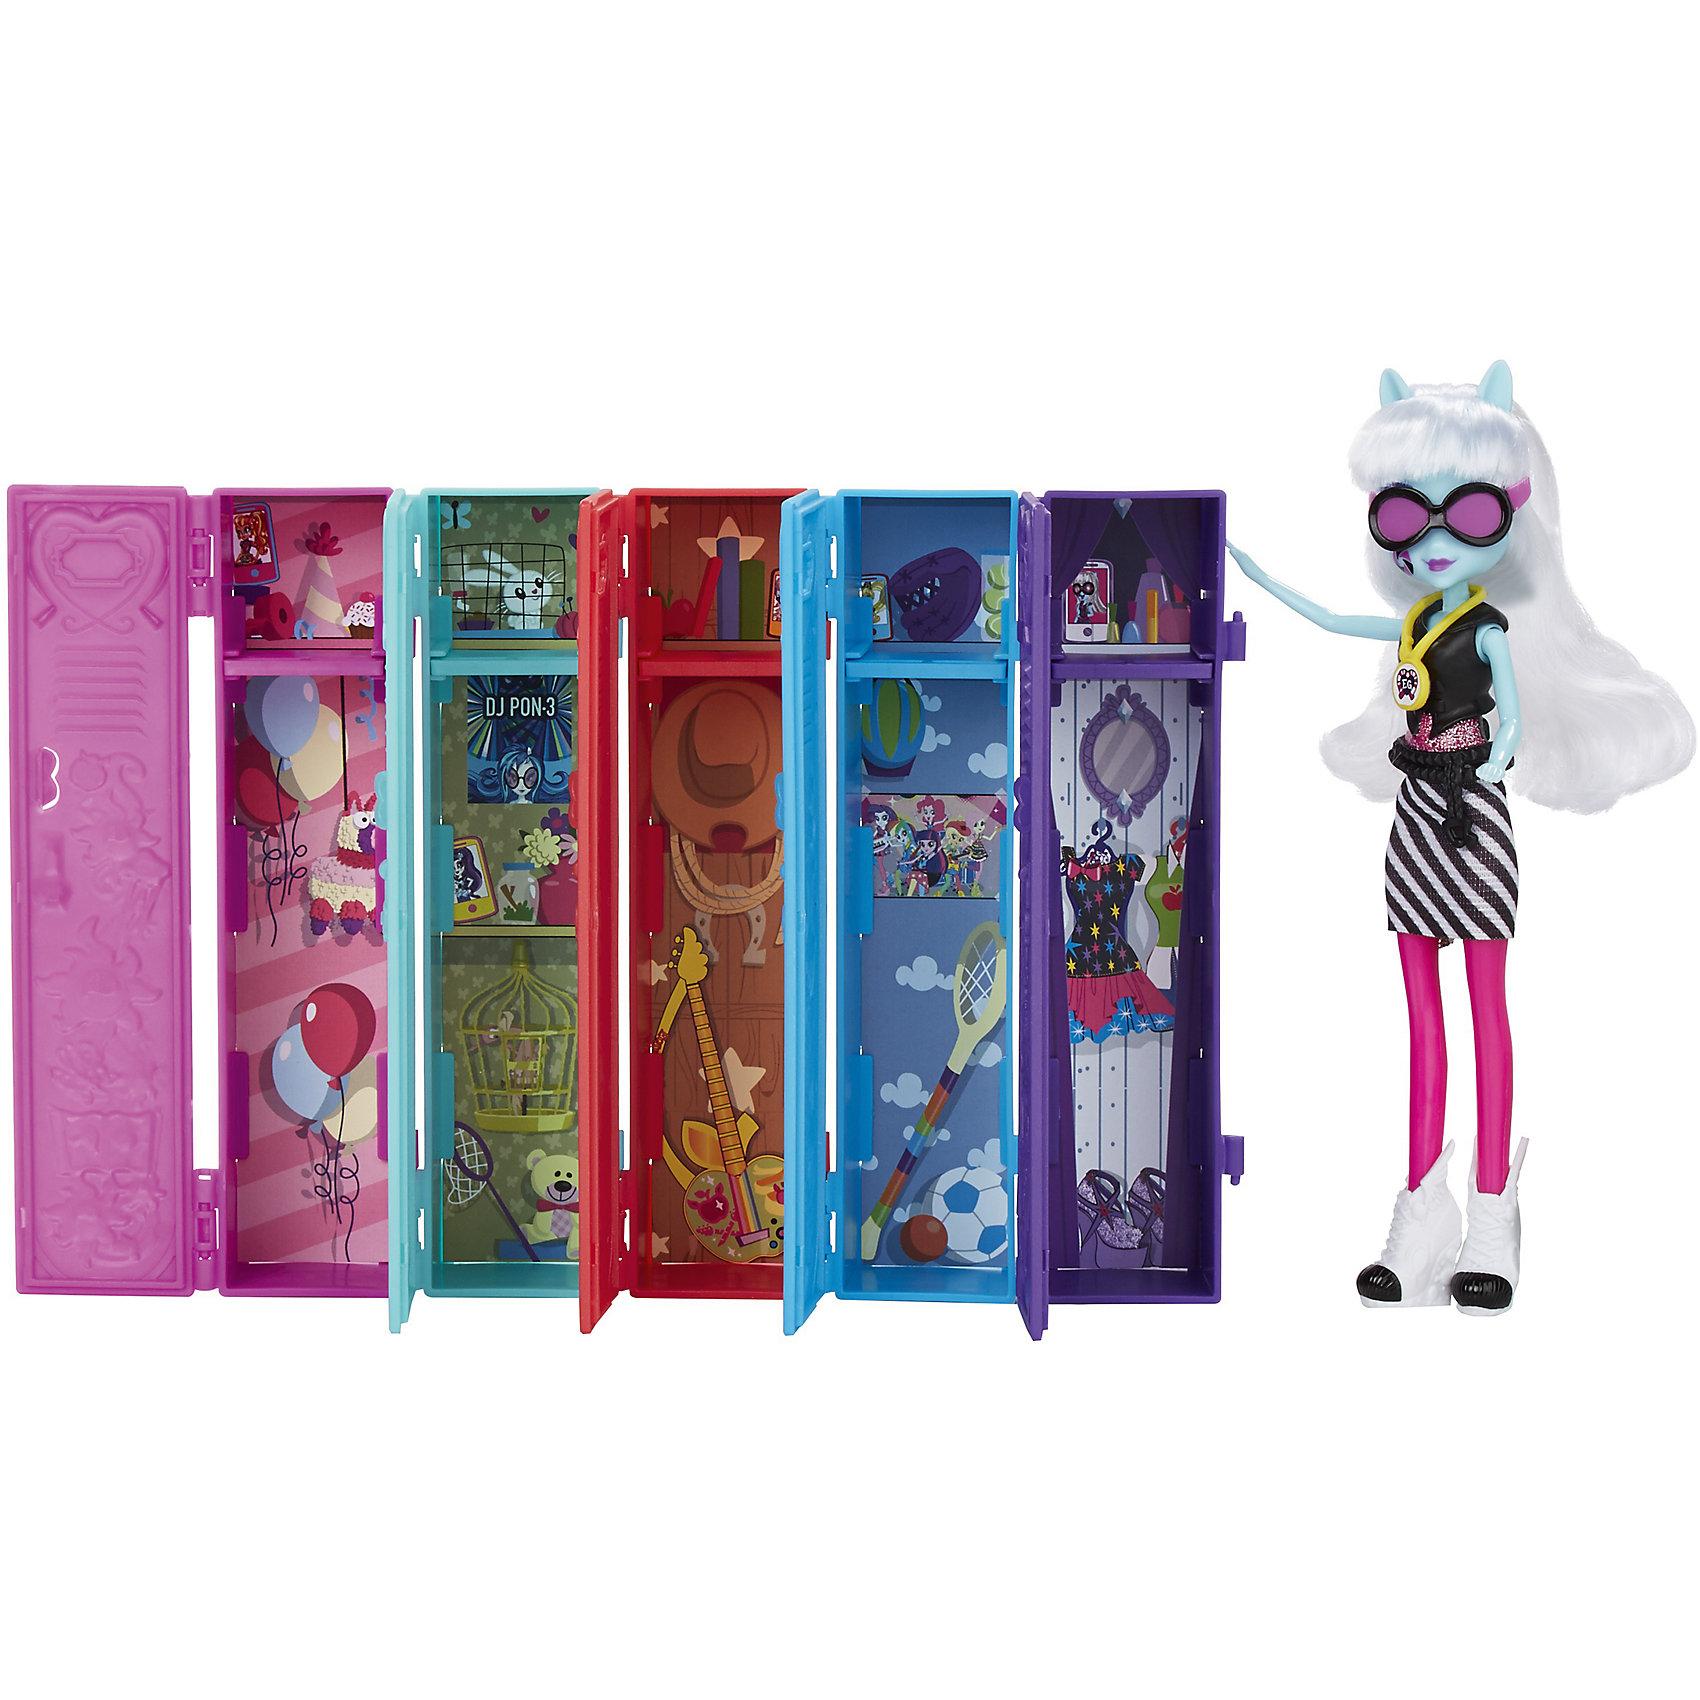 Hasbro Игровой набор школьных аксессуаров, Эквестрия Герлз  hasbro мини кукла эквестрия герлз b4903 b7793